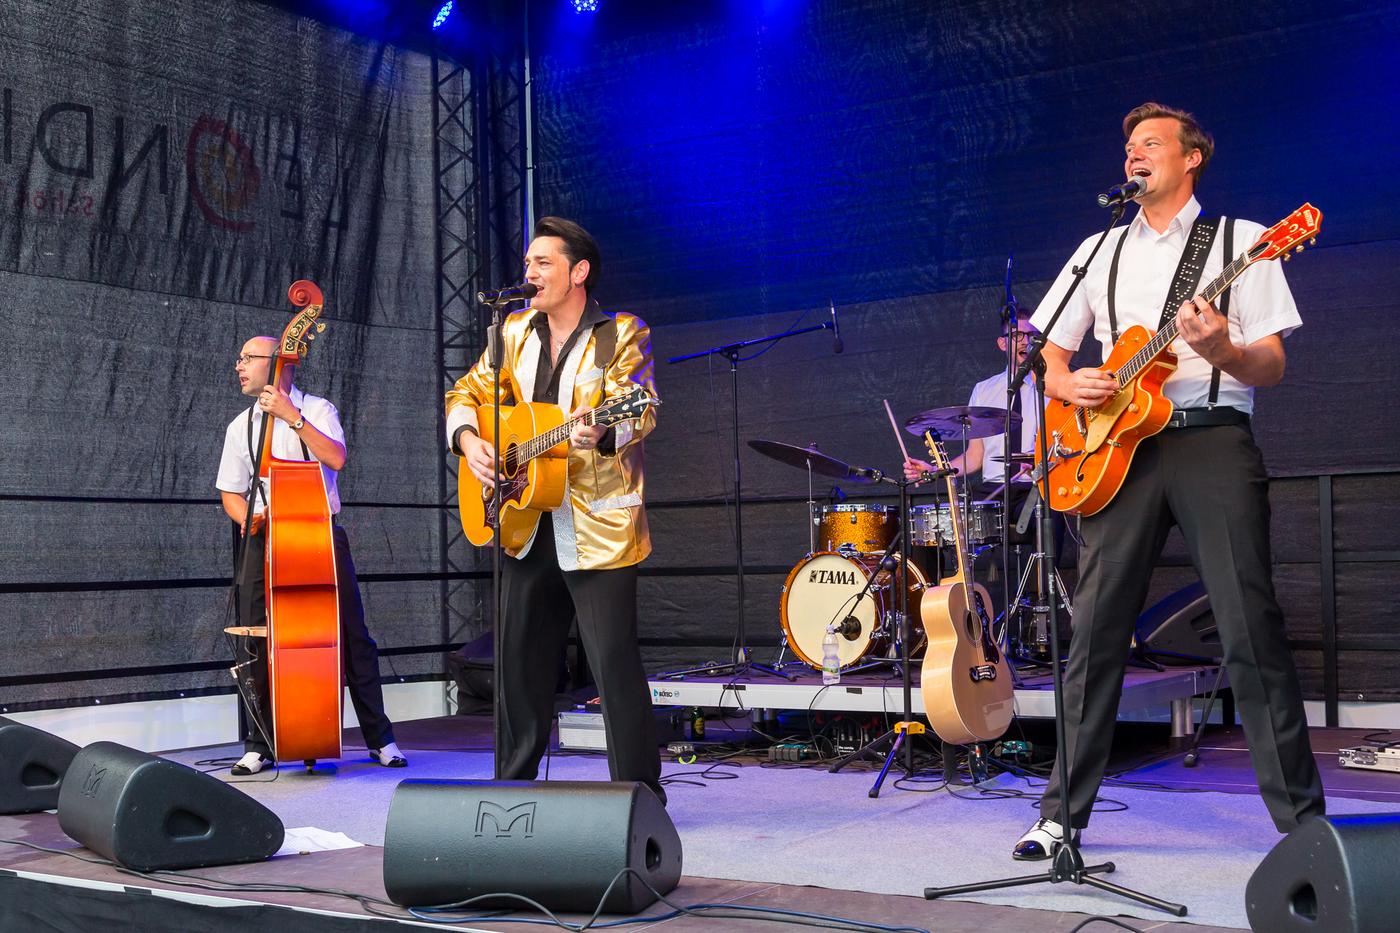 3 Künstler, einer mit E-Gitarre, einer mit Konzertgitarre und einer mit Chello